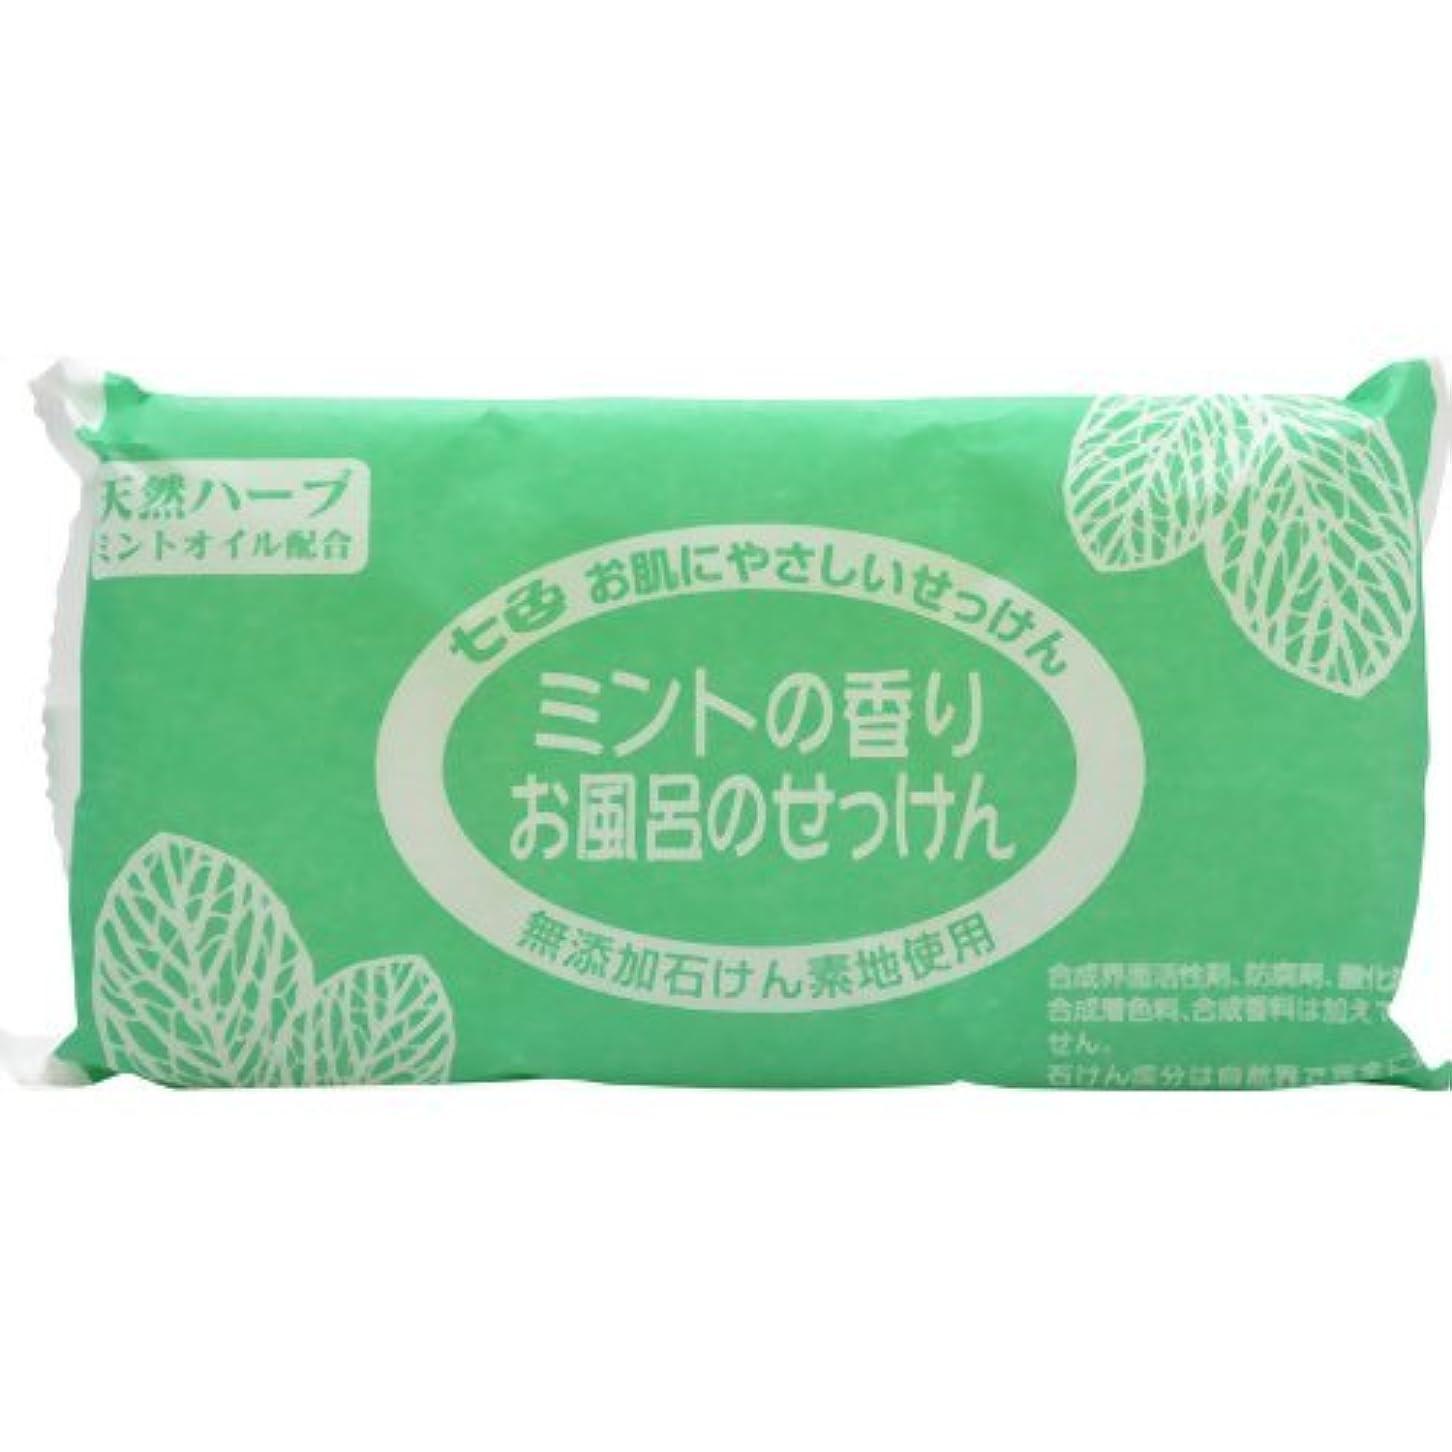 から聞くたるみ熟達七色 お風呂のせっけん ミントの香り(無添加石鹸) 100g×3個入